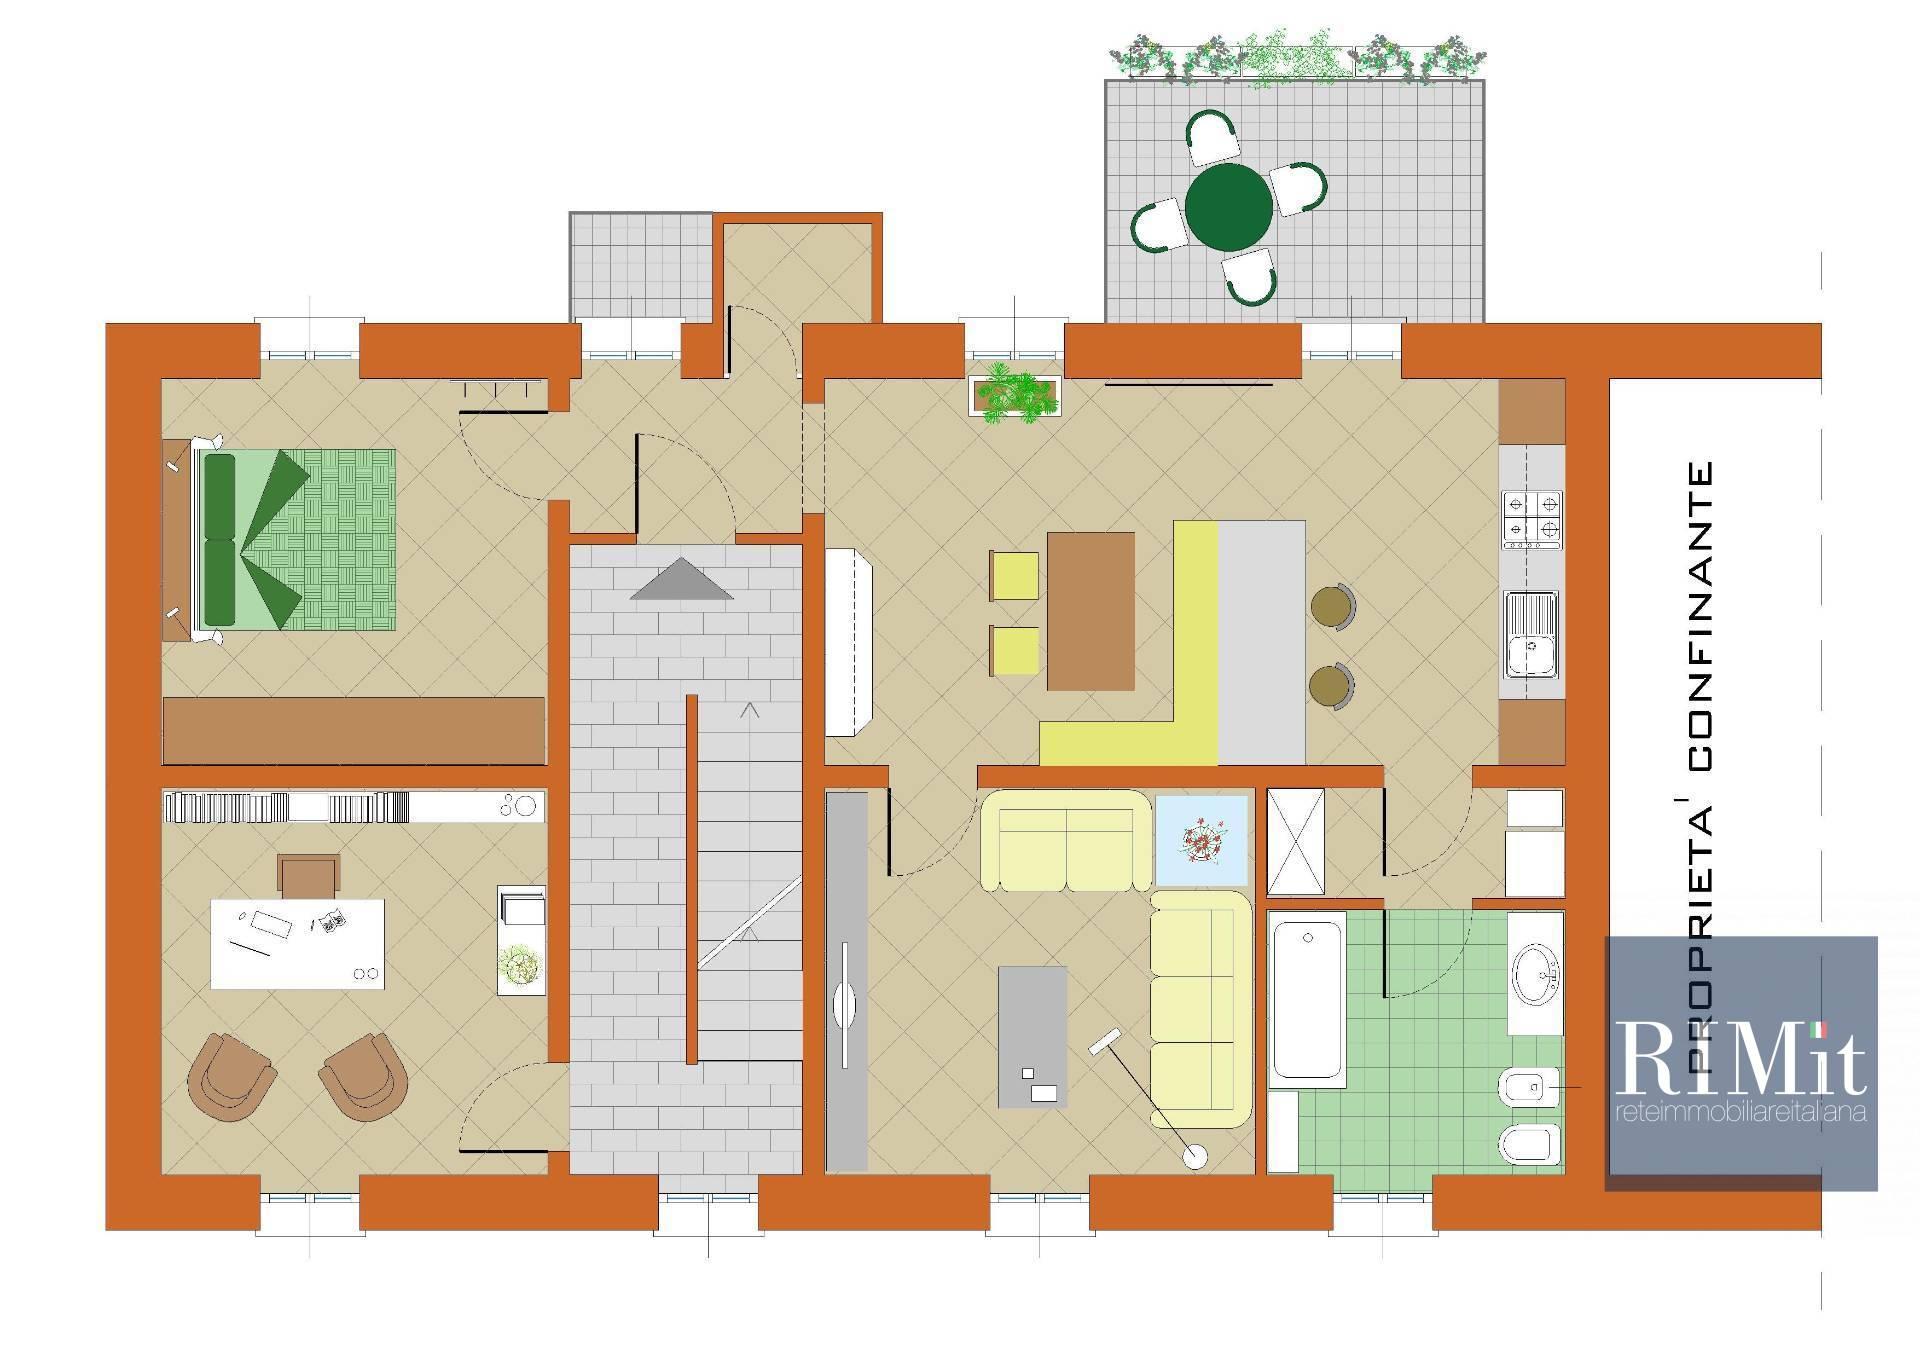 Appartamento in vendita a Sassello, 4 locali, zona Località: Badani, prezzo € 75.000 | PortaleAgenzieImmobiliari.it